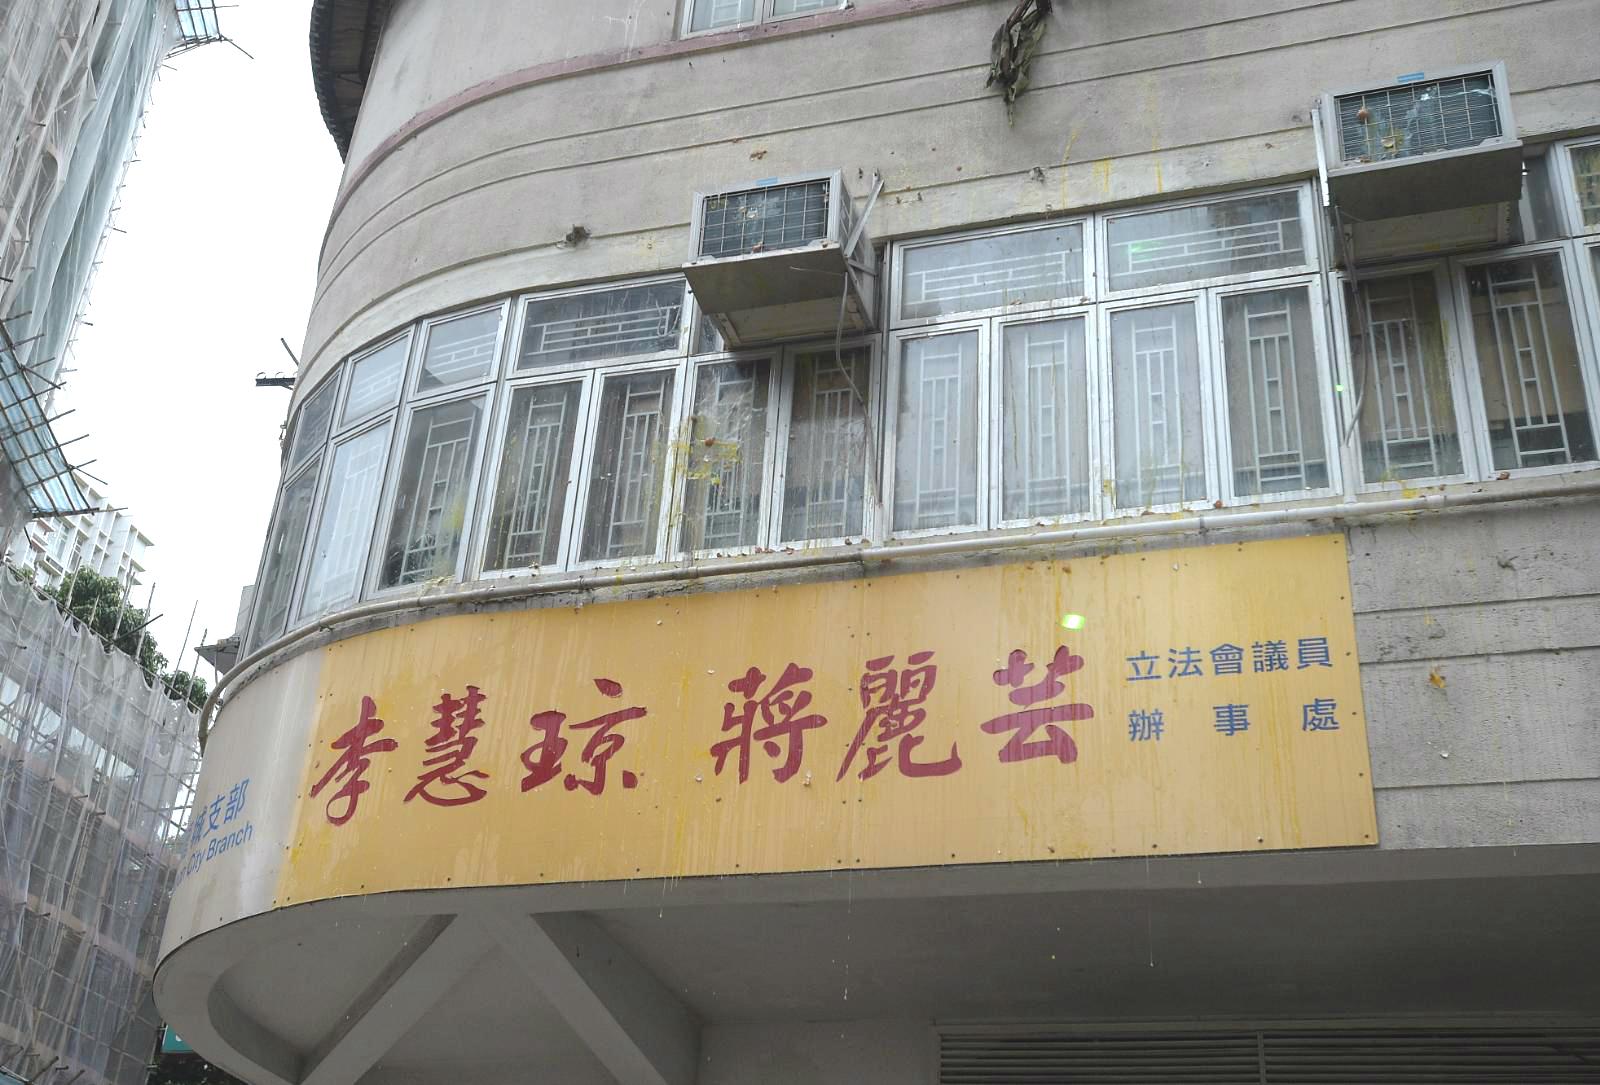 示威者向民建聯辦事處投擲雞蛋